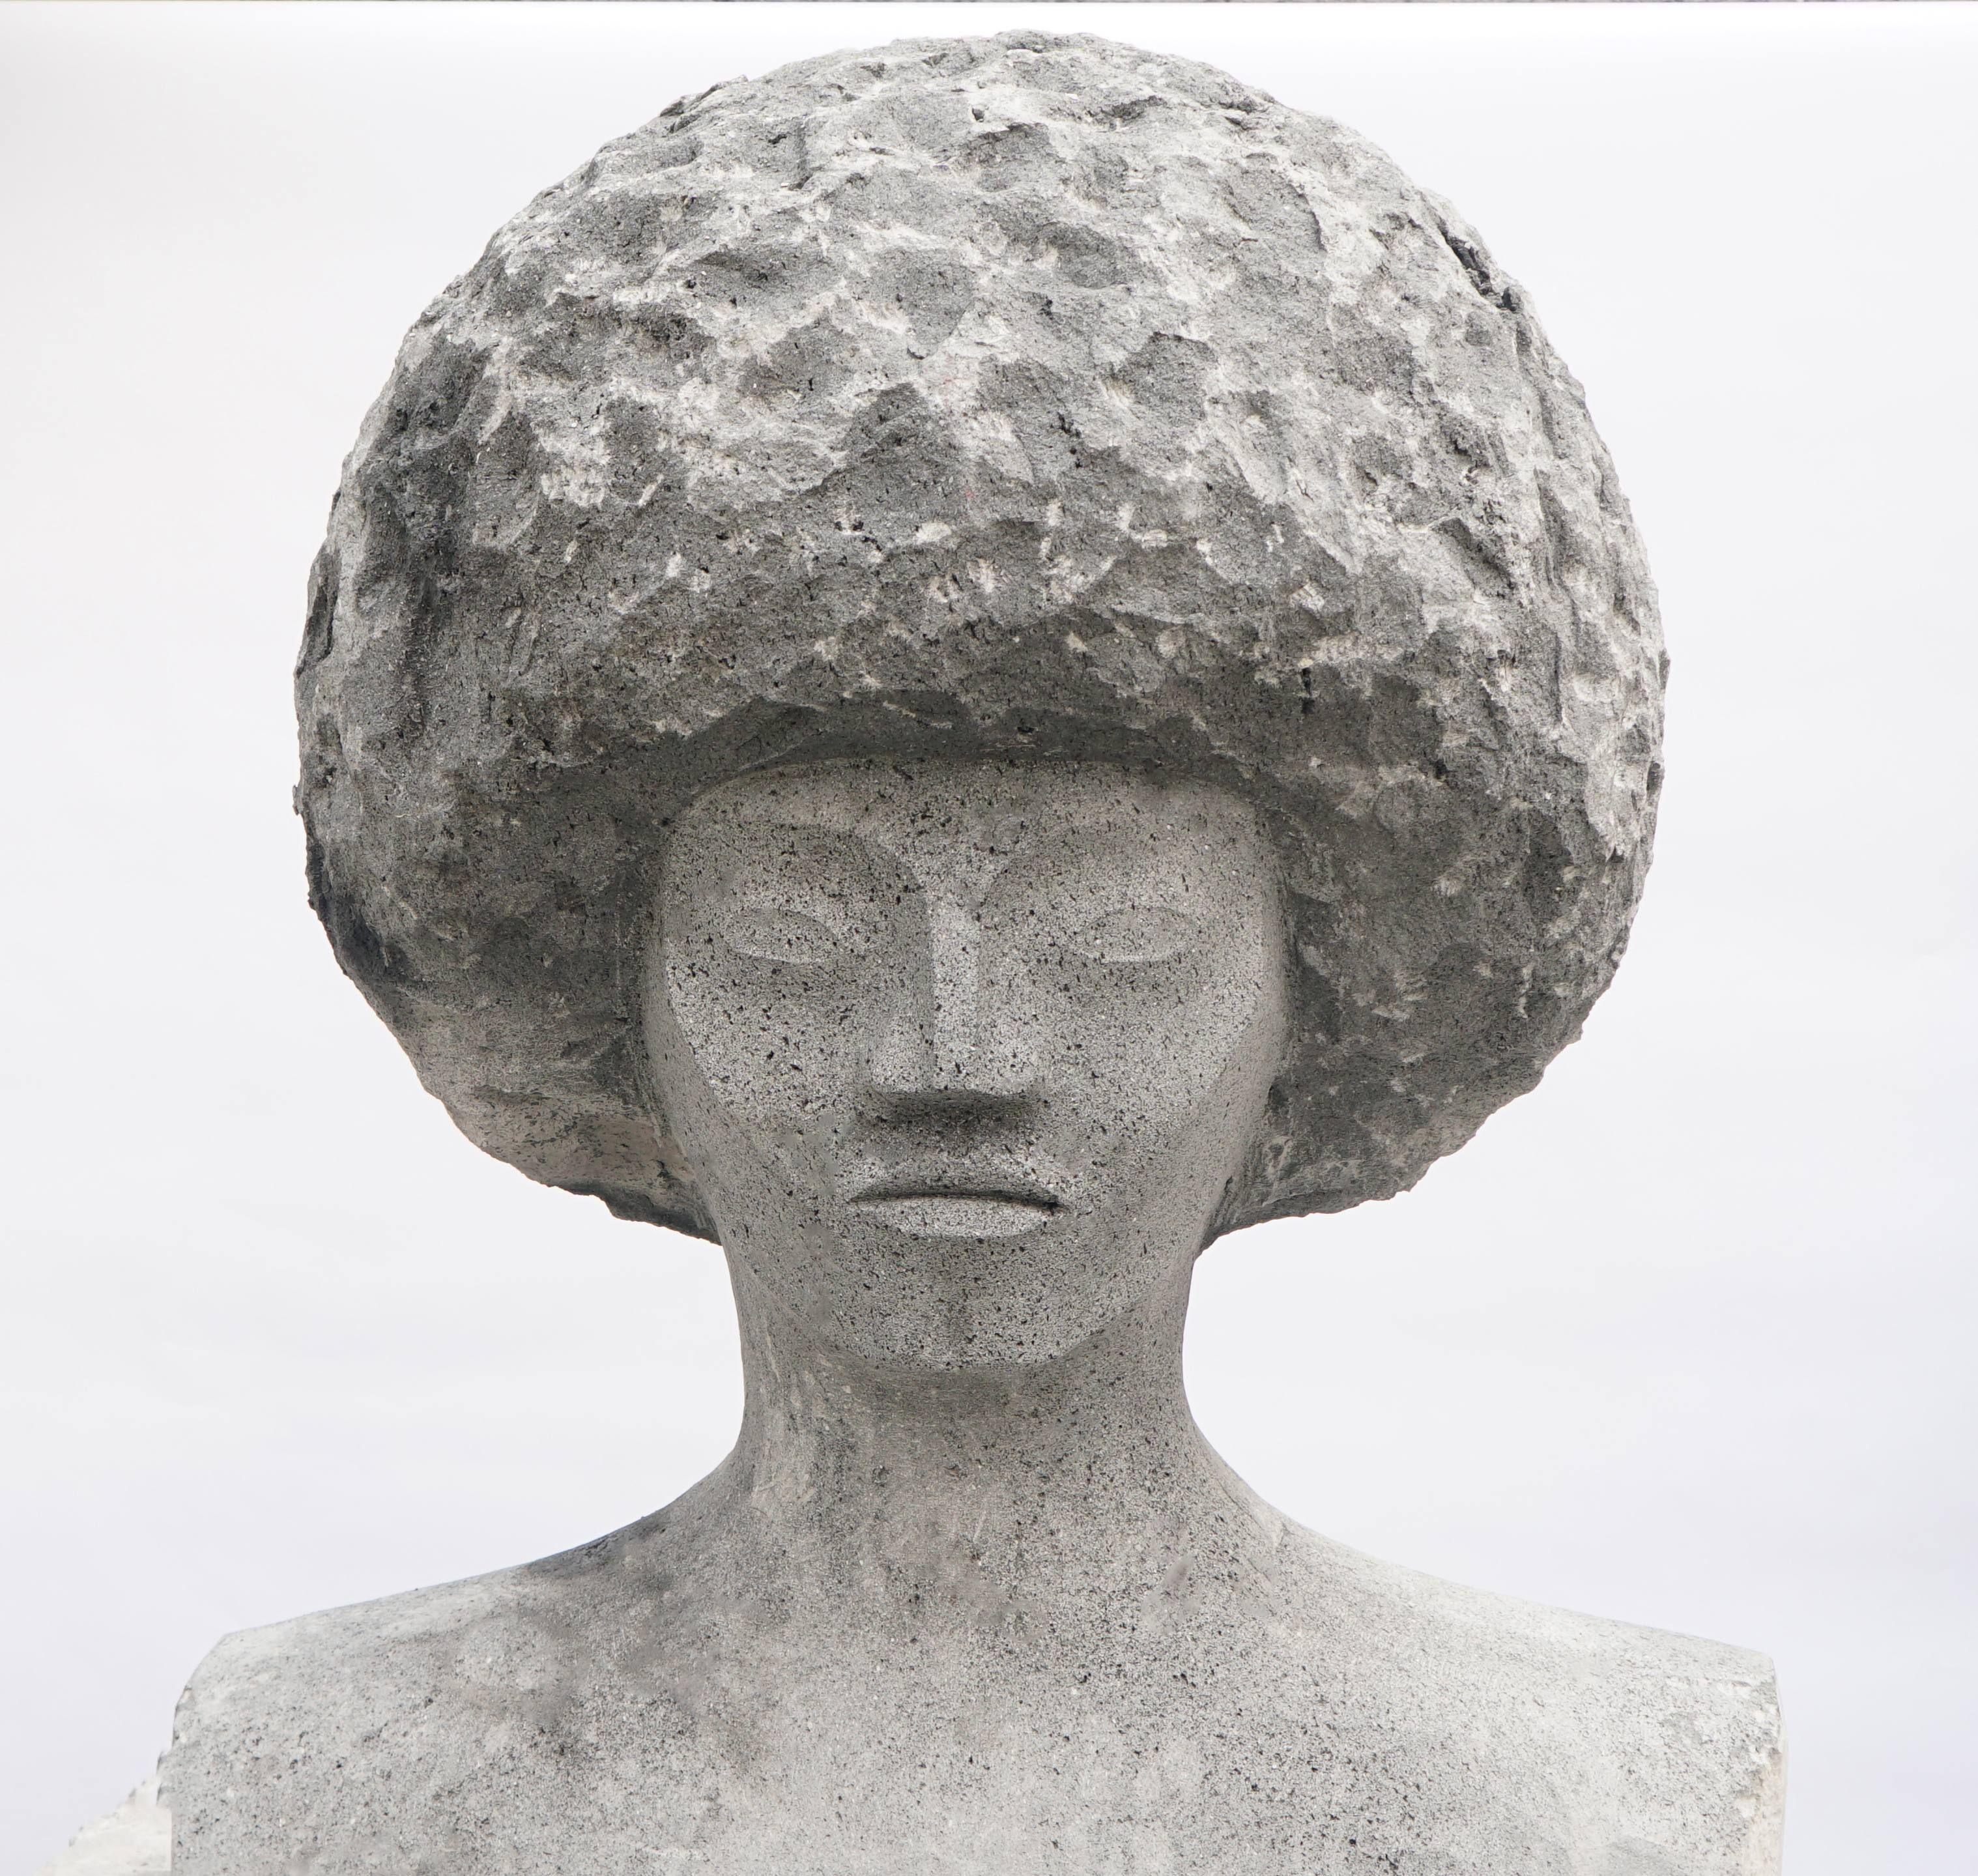 | Estatua de Angela Davis | Piedra volcánica de recinto | 2016